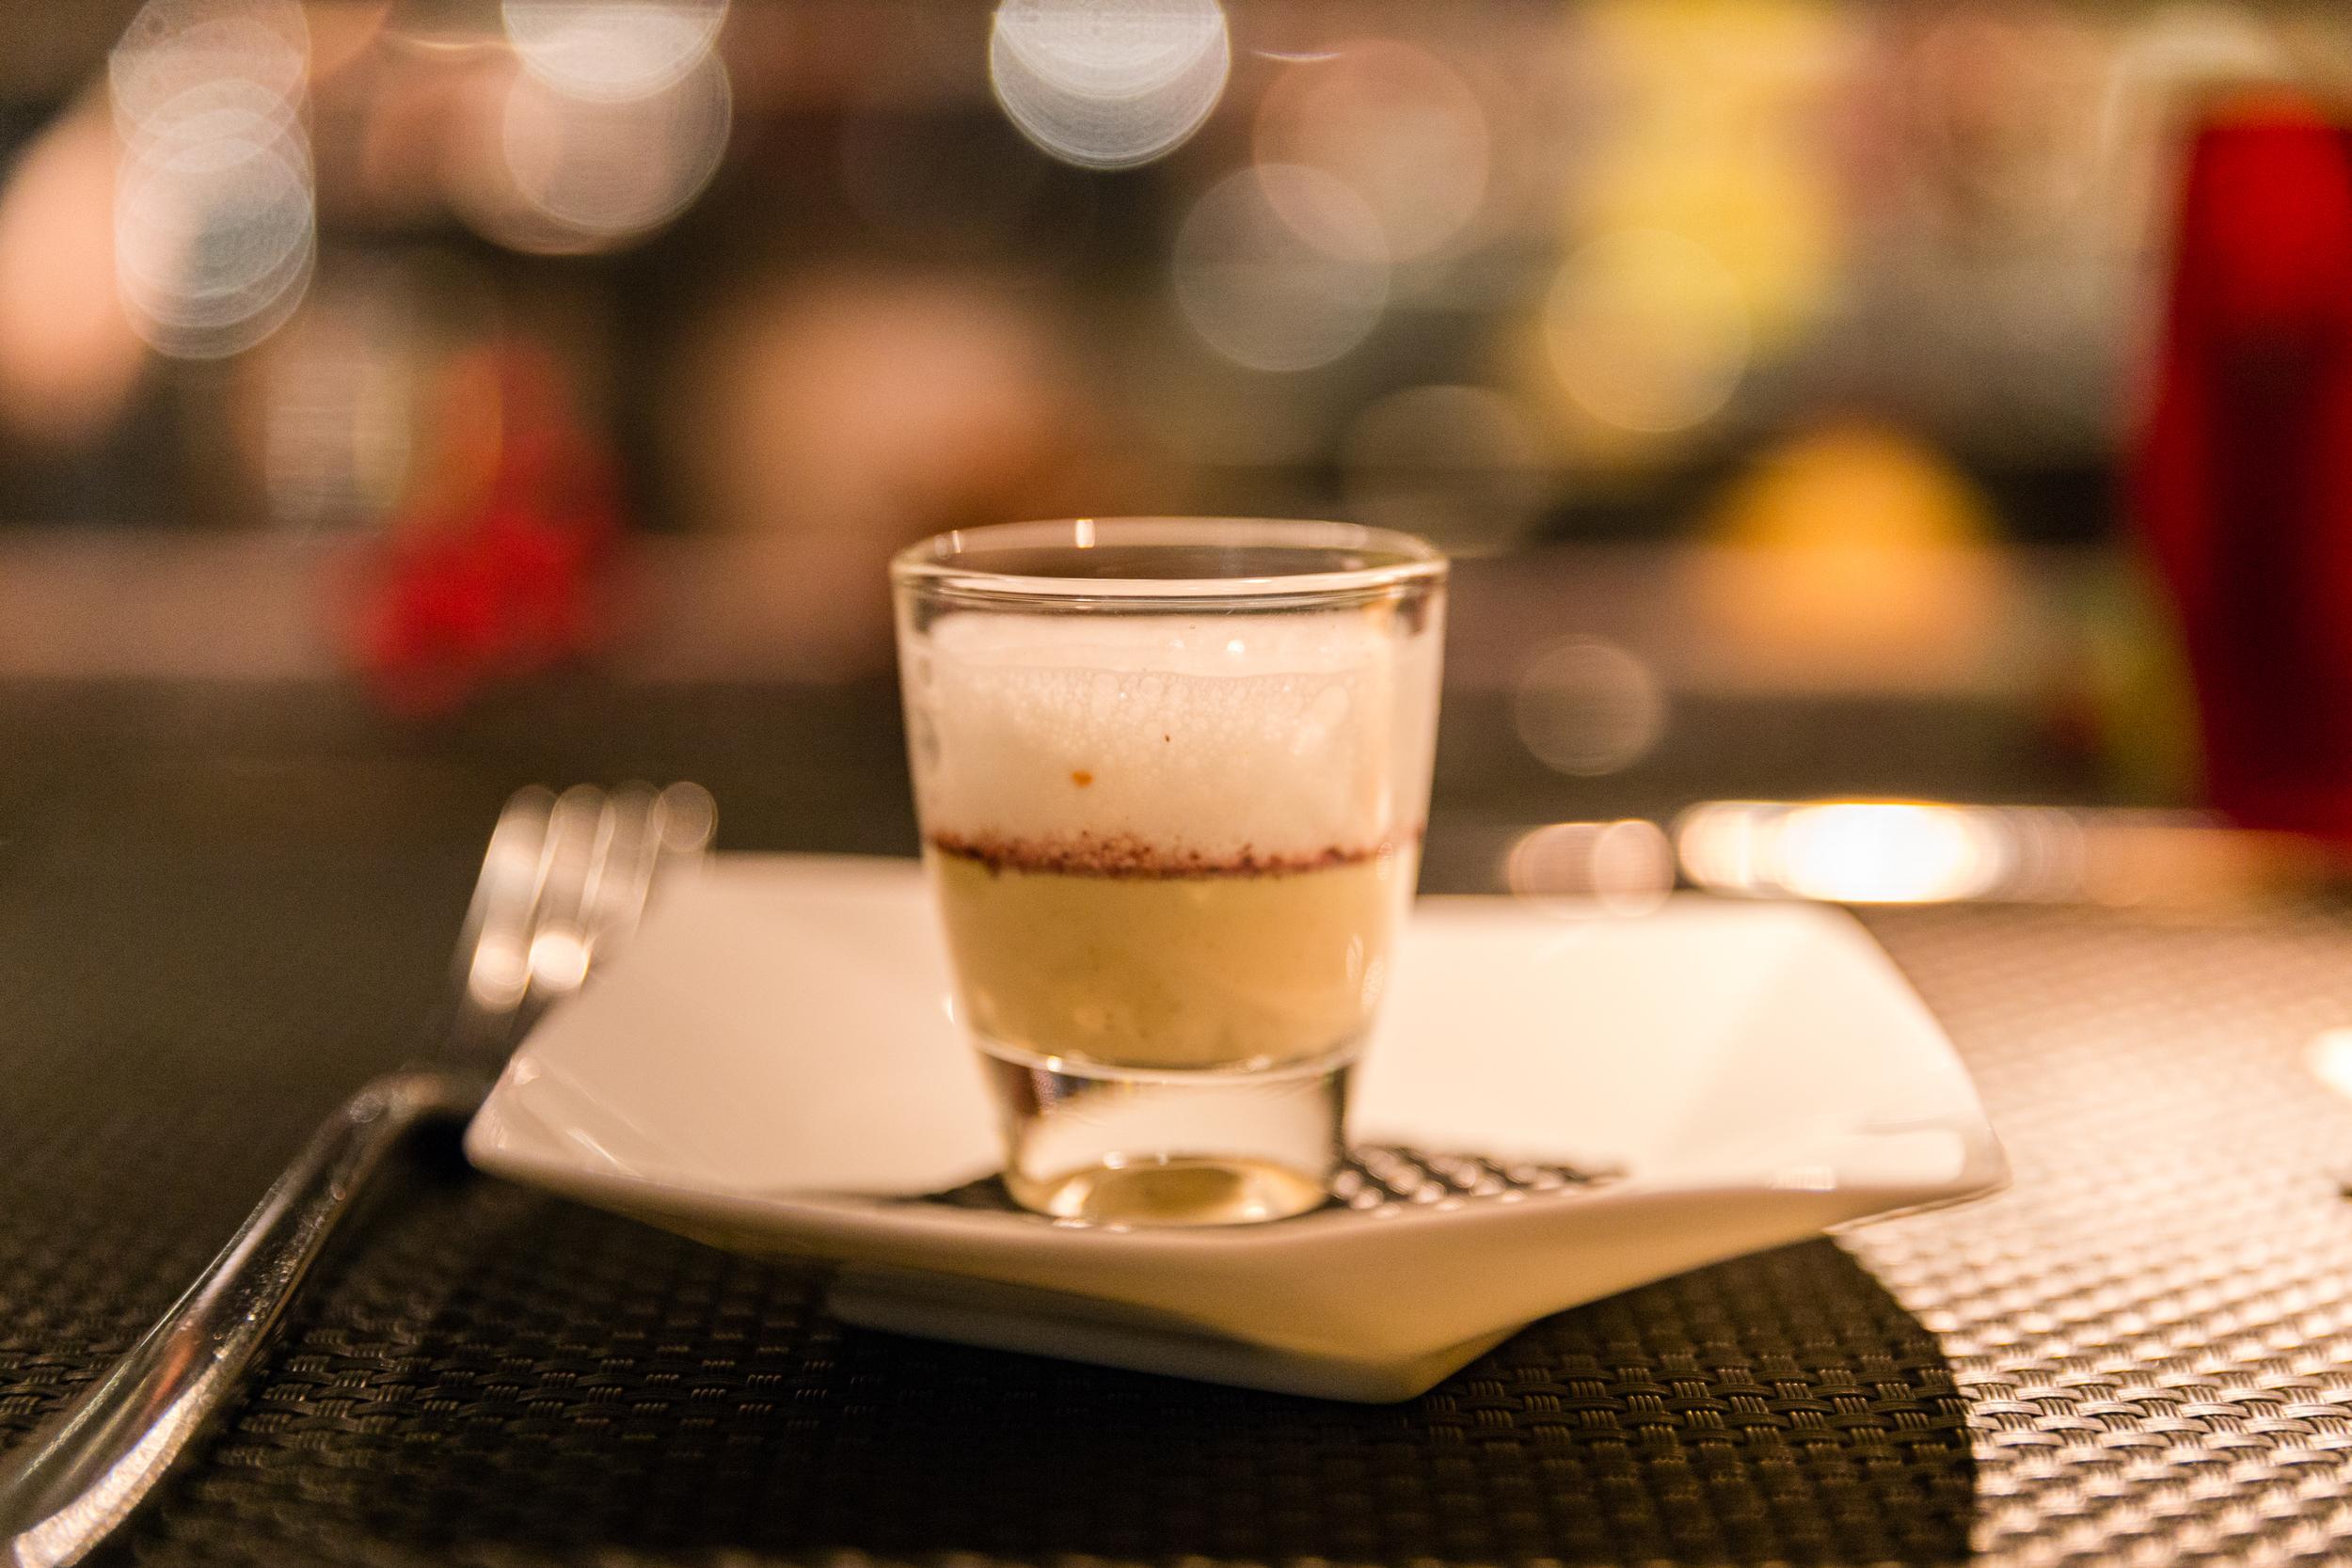 L'Amuse-Bouche - Foie gras custard with red porto wine and parmesan foam